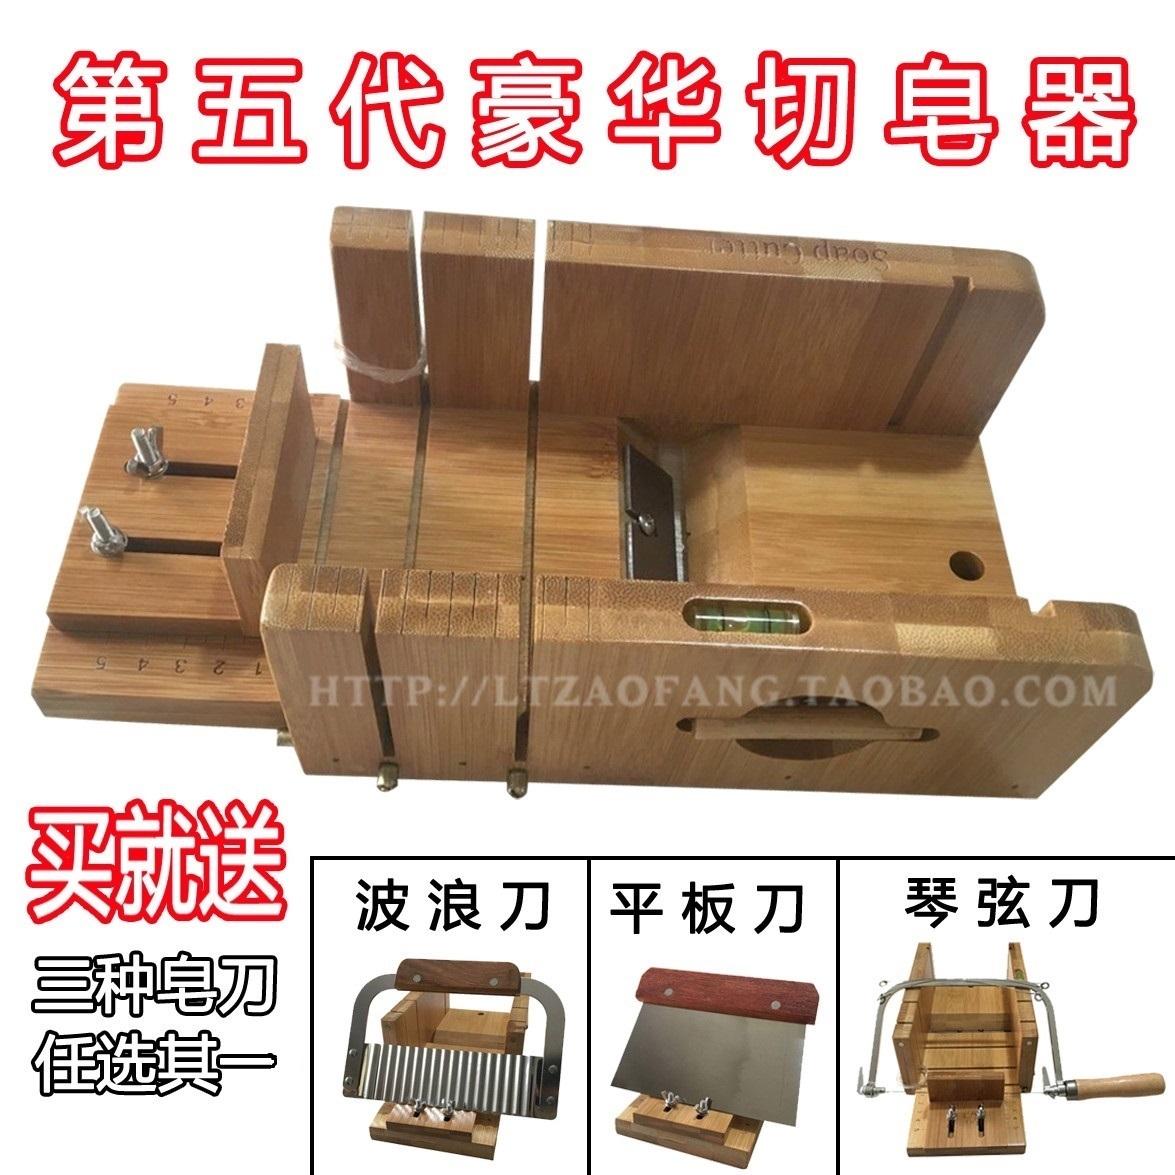 5 поколение Резаное мыло + ремонт мыла + режущий инструмент + резка проволоки + уровень ручная работа Мыло для мыла